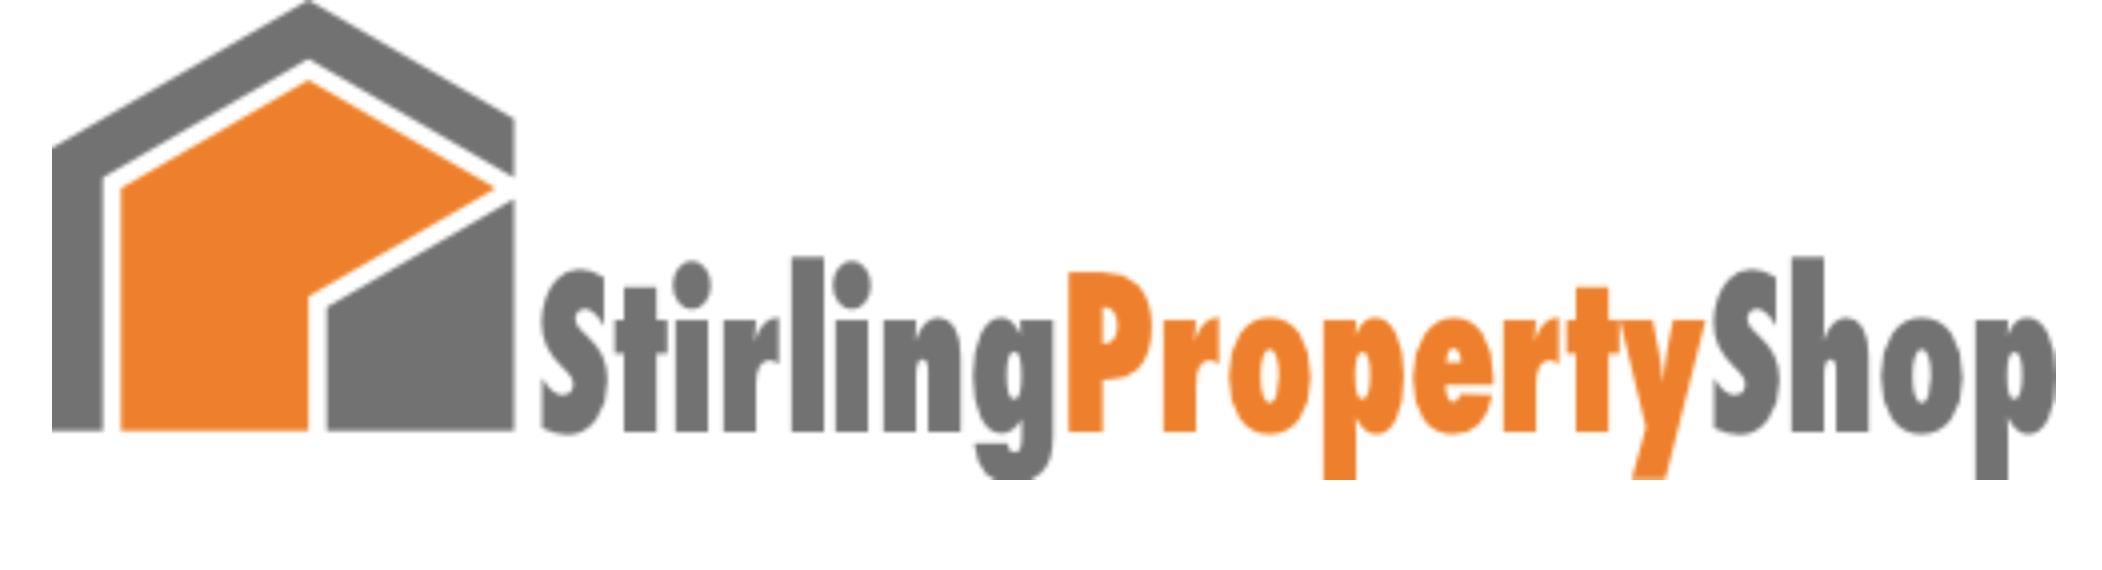 Stirling Property Shop